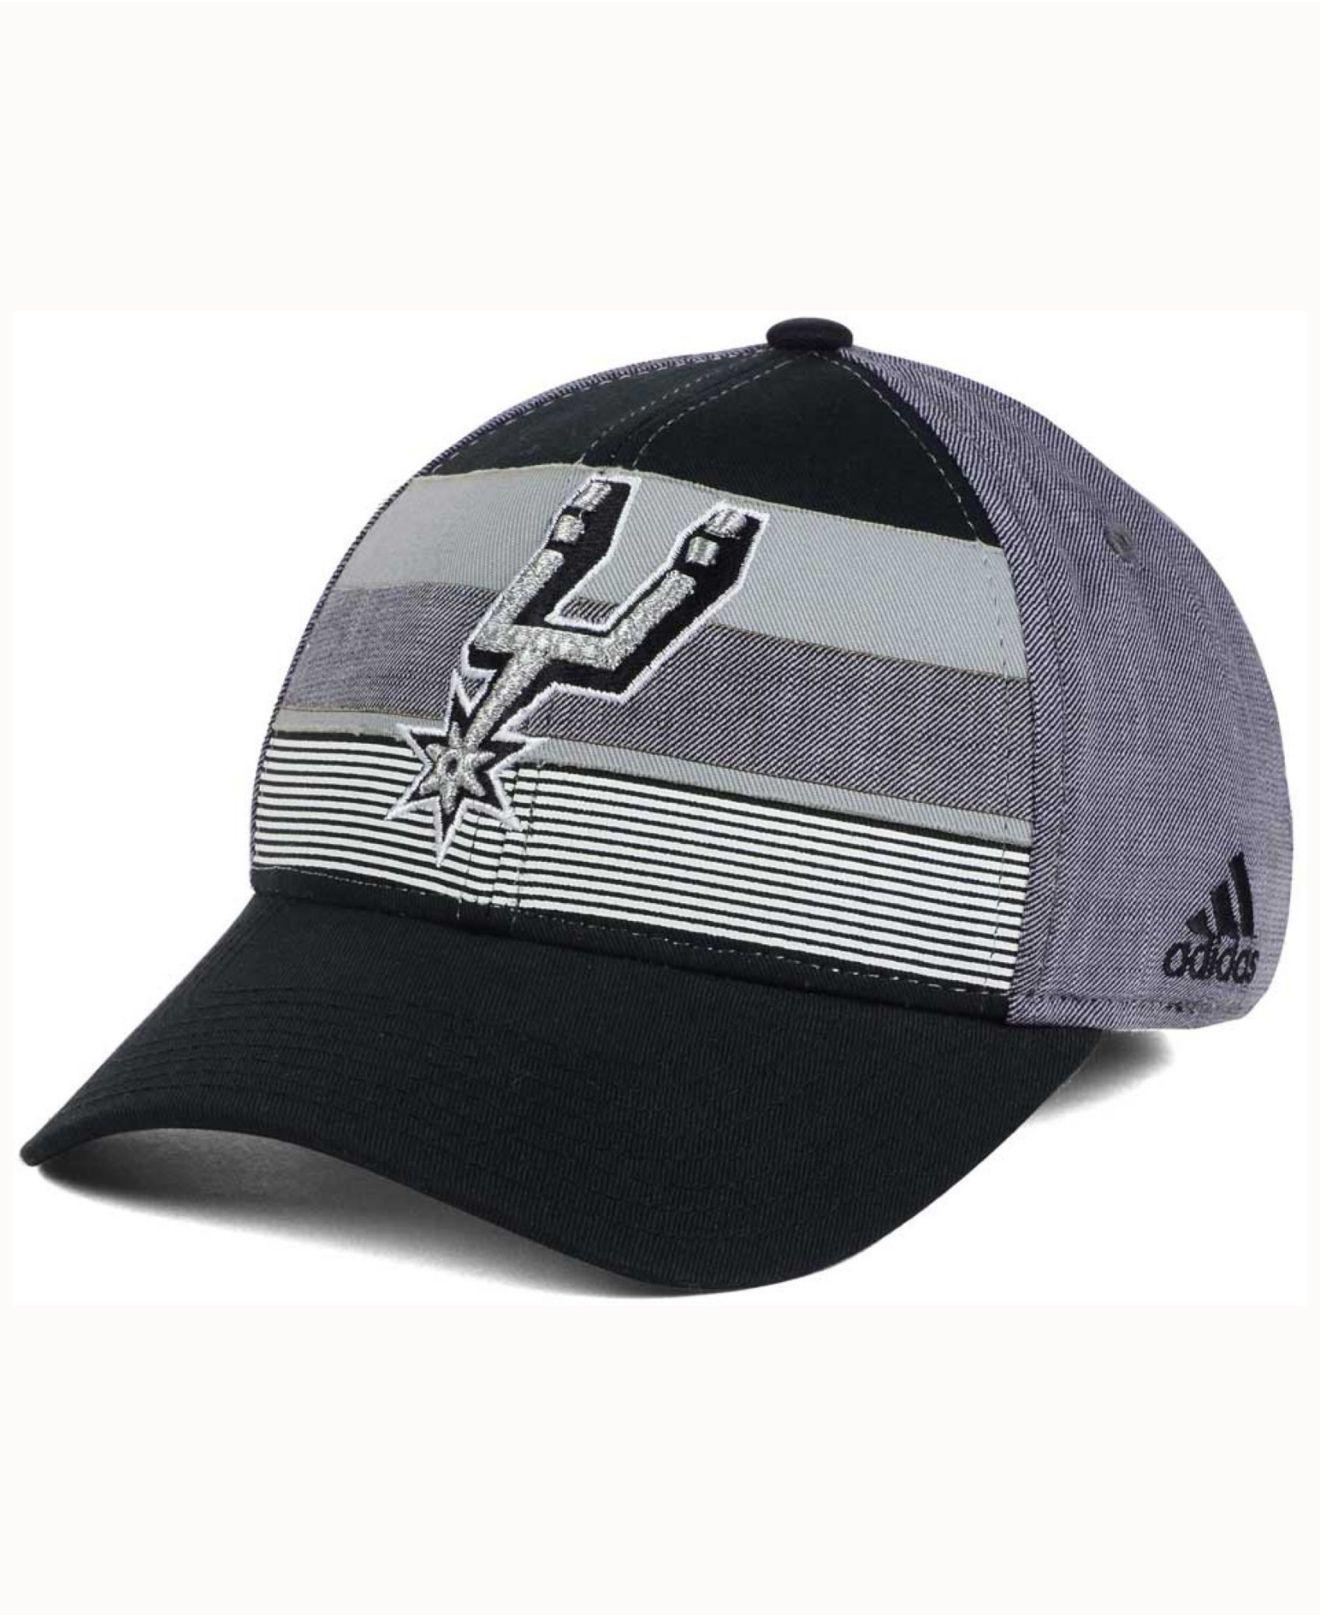 promo code f07a8 ecaa4 ... wholesale lyst adidas tri color flex cap in black for men 0043a 9d90f